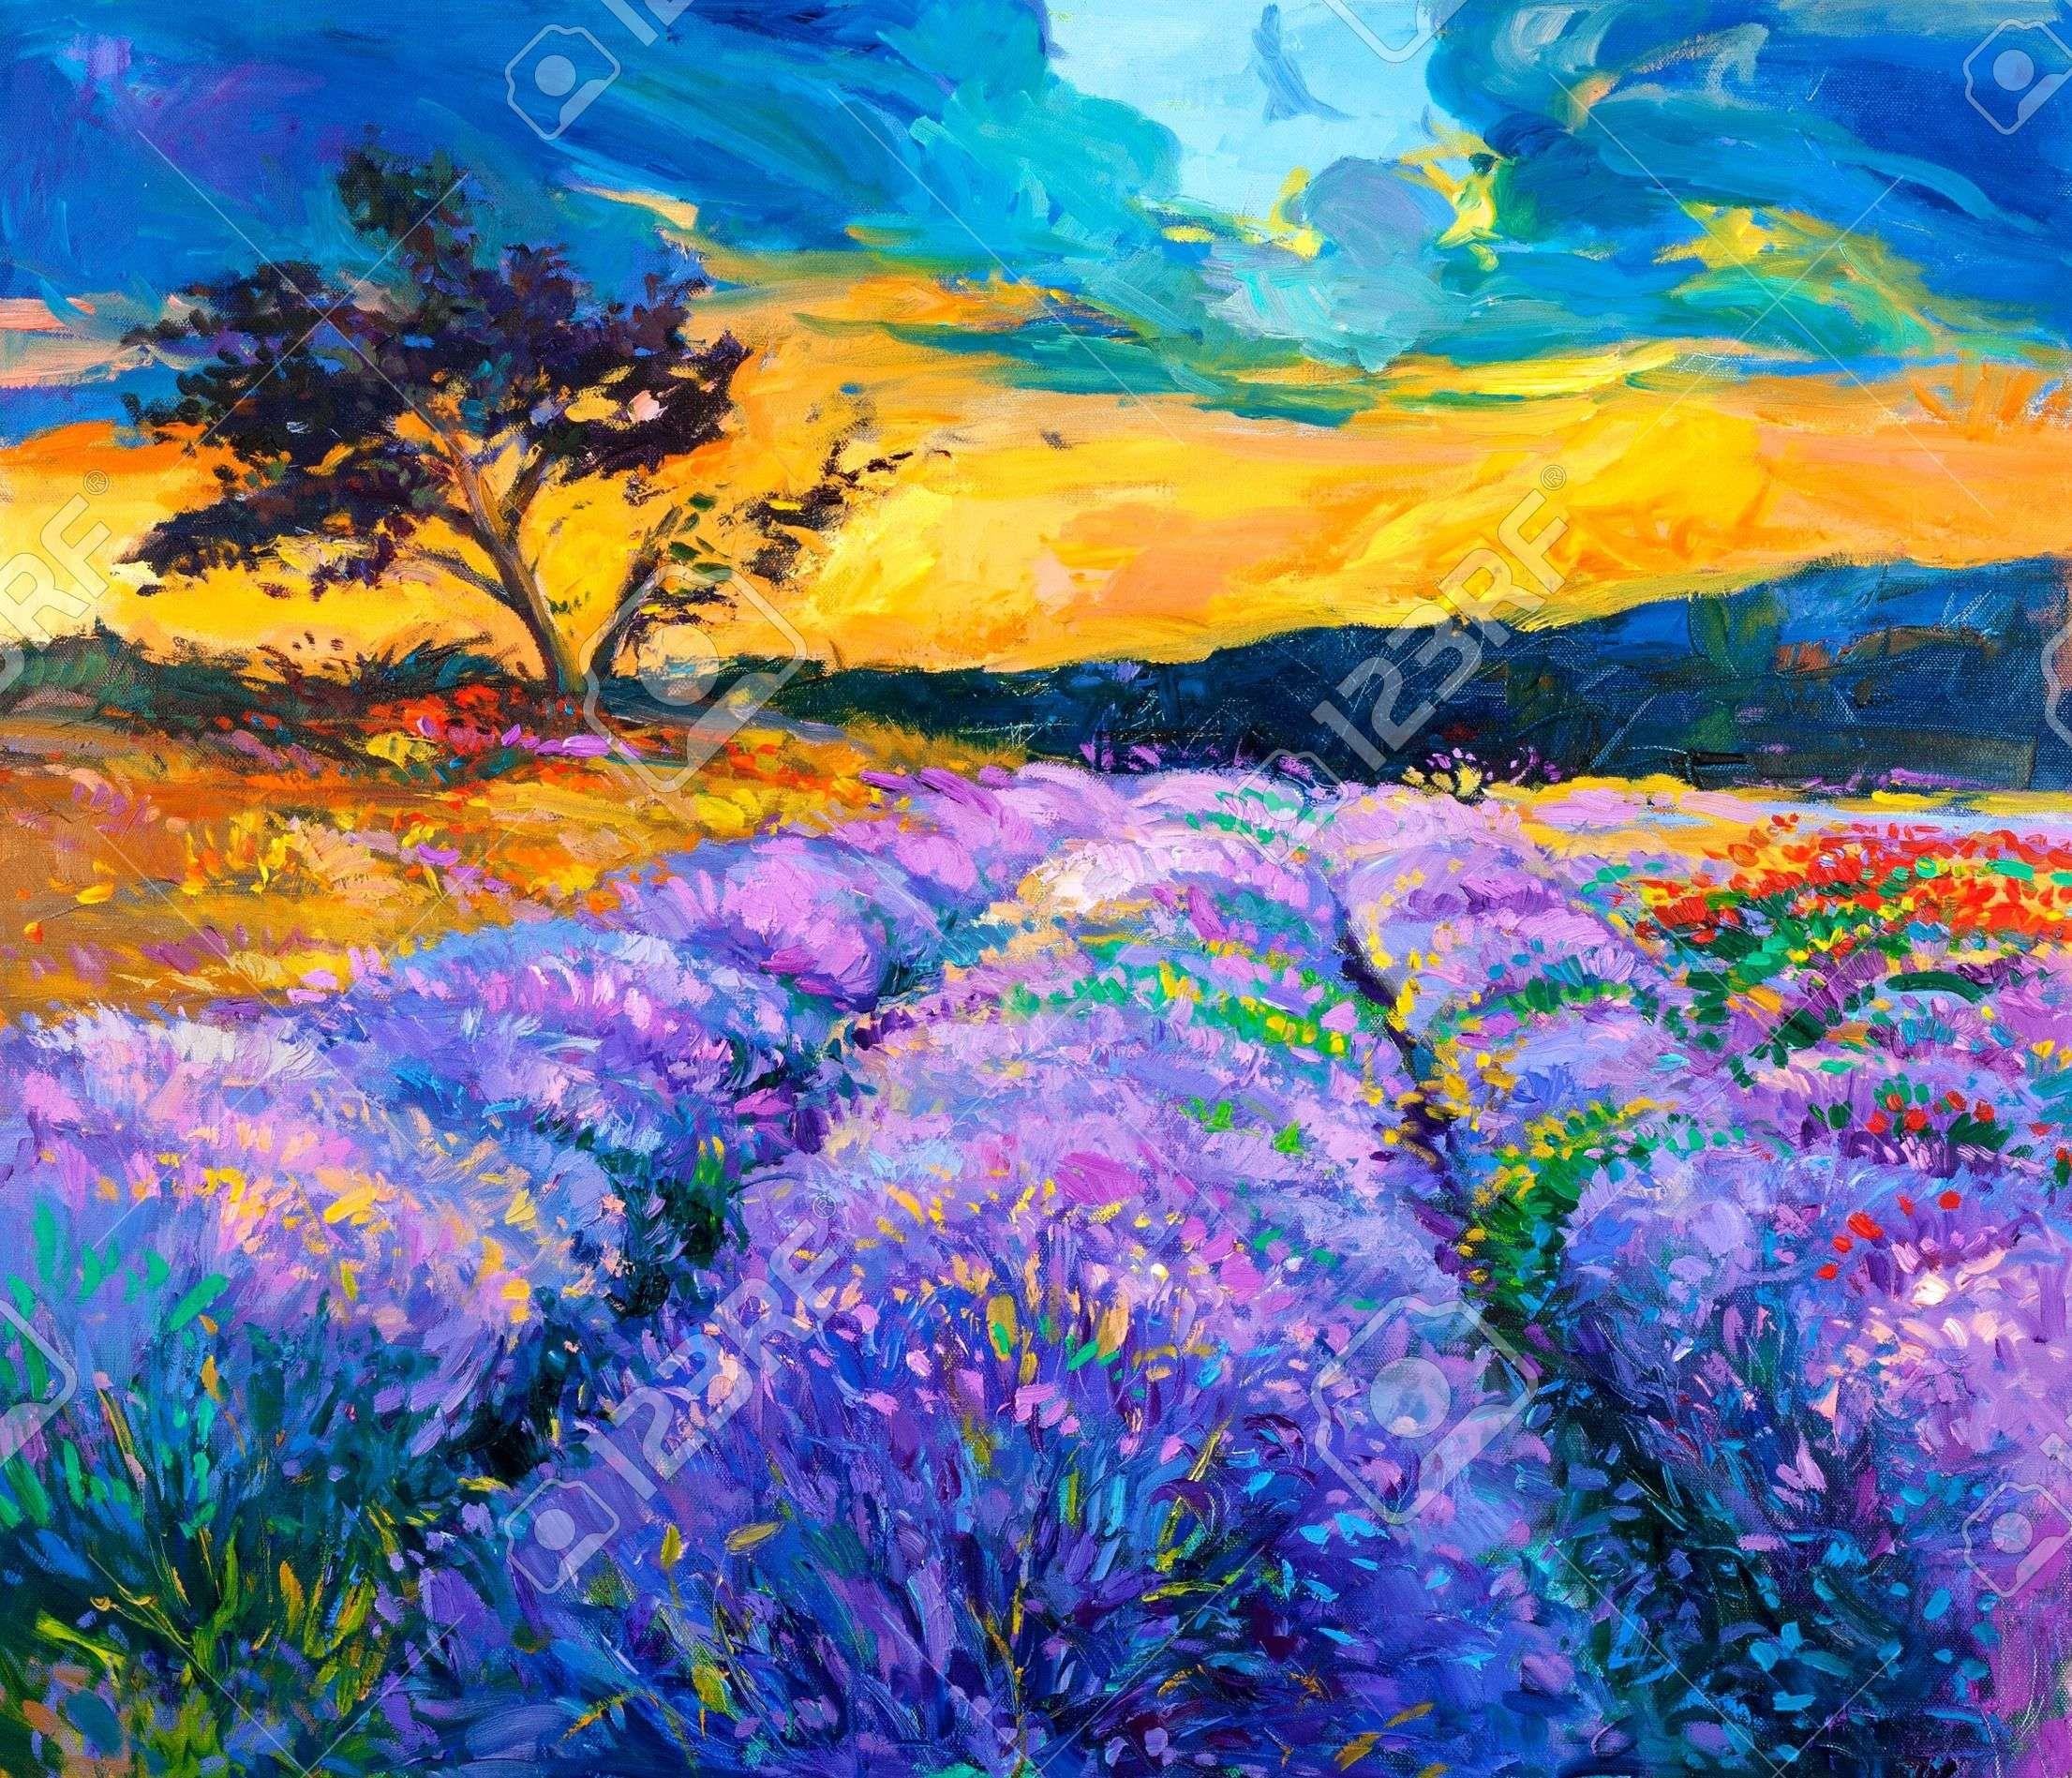 Risultati immagini per impressionismo arte pinterest for Semplici paesaggi